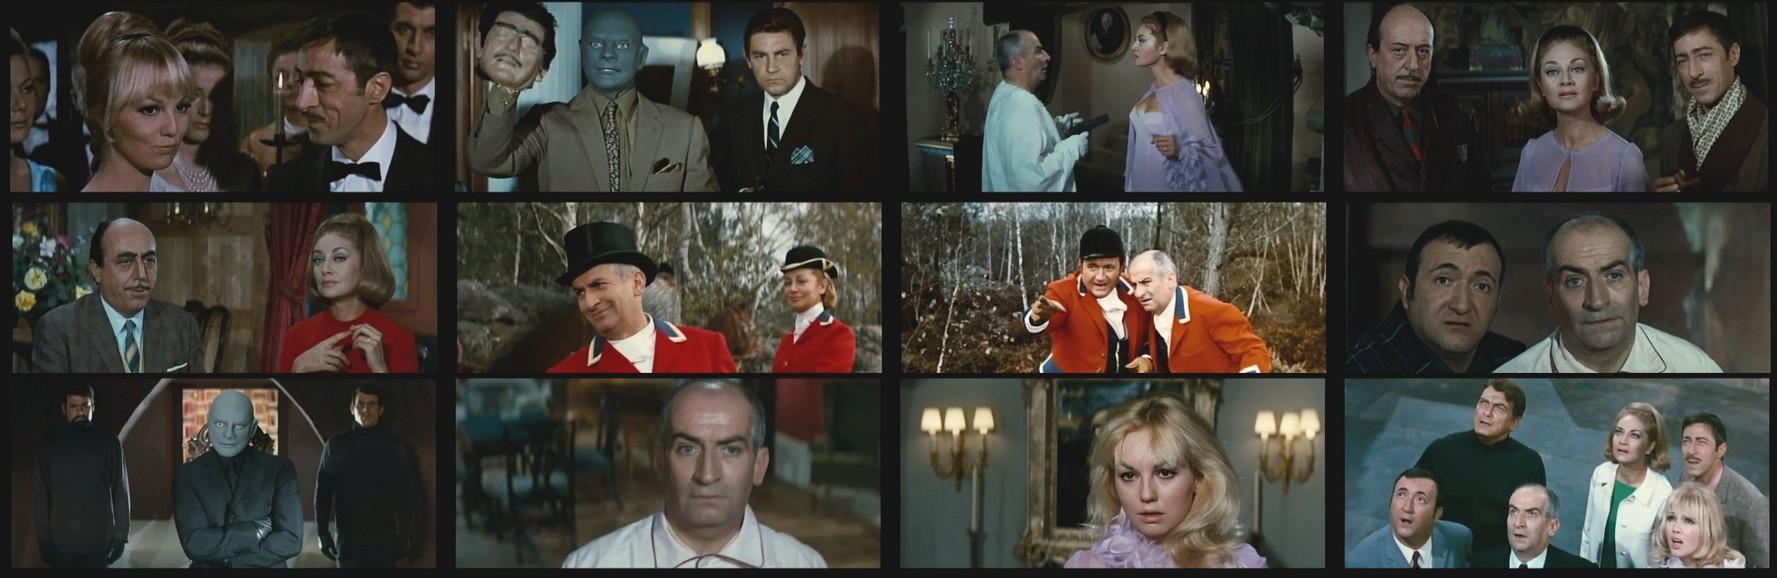 FILM CONTRE TÉLÉCHARGER YARD FANTOMAS SCOTLAND